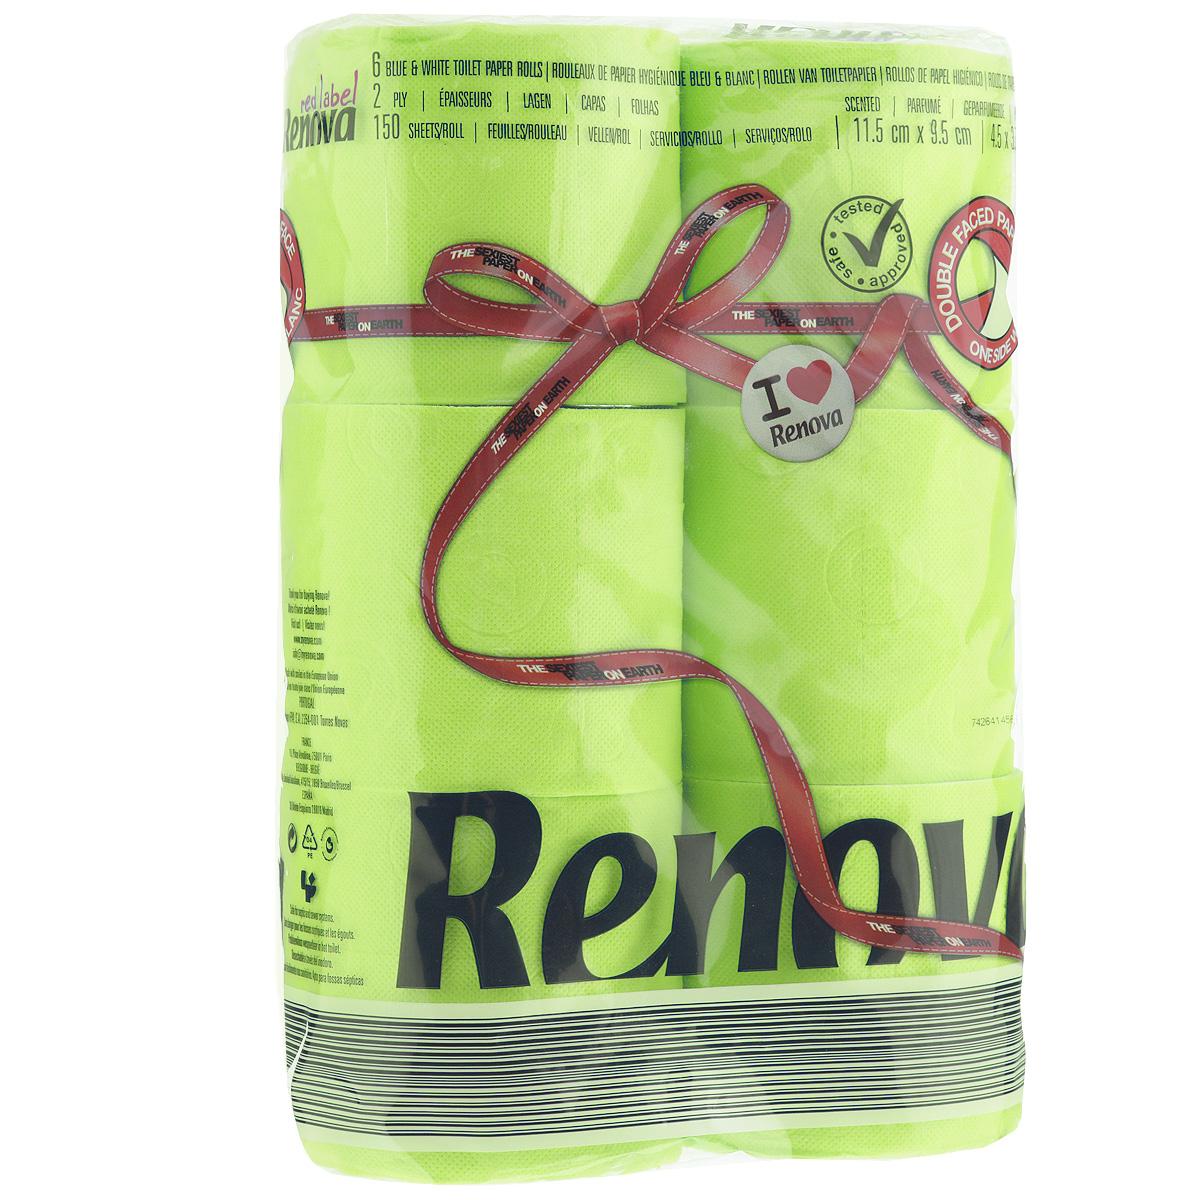 Туалетная бумага Renova, двухслойная, ароматизированная, цвет: зеленый, 6 рулонов200066931Туалетная бумага Renova изготовлена по новейшей технологии из 100% ароматизированной целлюлозы, благодаря чему она имеет тонкий аромат, очень мягкая, нежная, но в тоже время прочная. Эксклюзивная двухсторонняя туалетная бумага Renova  экстрамодного цвета, придаст вашему туалету оригинальность.Состав: 100% ароматизированная целлюлоза. Количество листов: 150 шт.Количество слоев: 2.Размер листа: 11,5 см х 9,5 см.Количество рулонов: 6 шт.Португальская компания Renova является ведущим разработчиком новейших технологий производства, нового стиля и направления на рынке гигиенической продукции. Современный дизайн и высочайшее качество, дерматологический контроль - это то, что выделяет компанию Renova среди других производителей бумажной санитарно-гигиенической продукции.